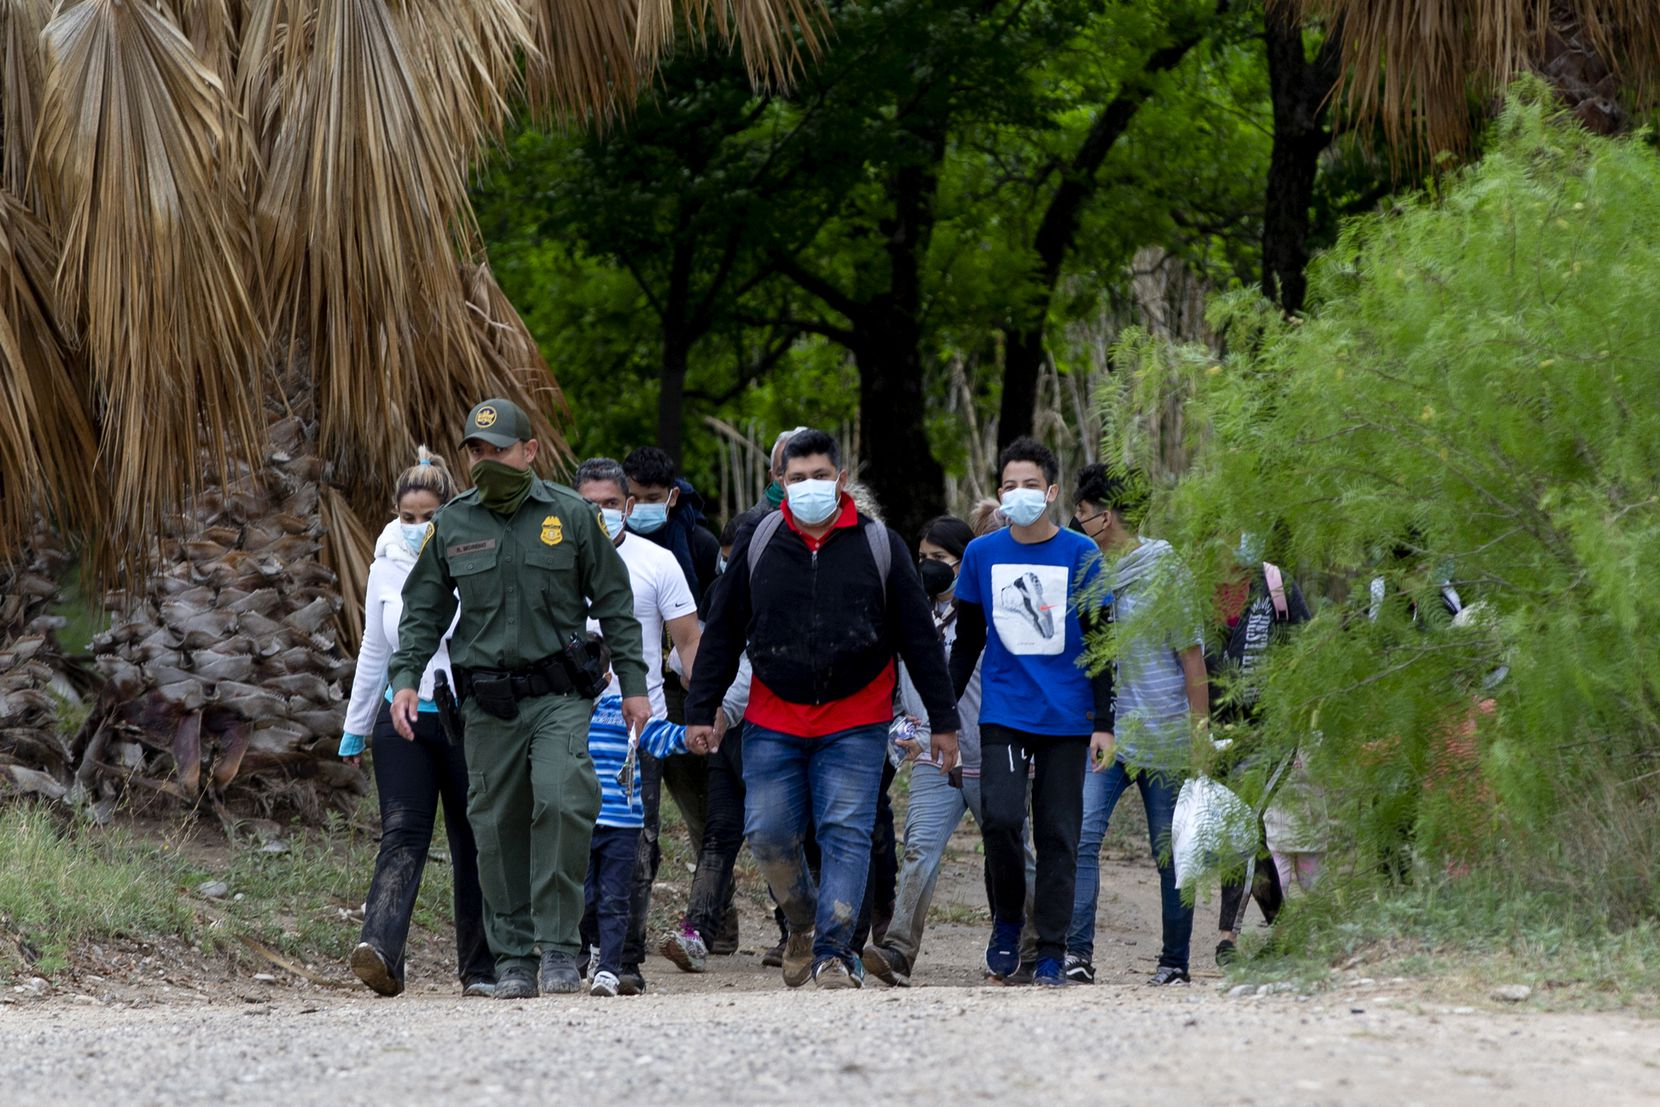 Un agente de la Patrulla Fronteriza y Aduanas de los Estados Unidos guía a un grupo de migrantes, en su mayoría de Venezuela, después que cruzaron el Río Grande cerca de Del Rio, Tx., El jueves 29 de abril de 2021 (Jessica Phelps / San Antonio Express- Noticias)